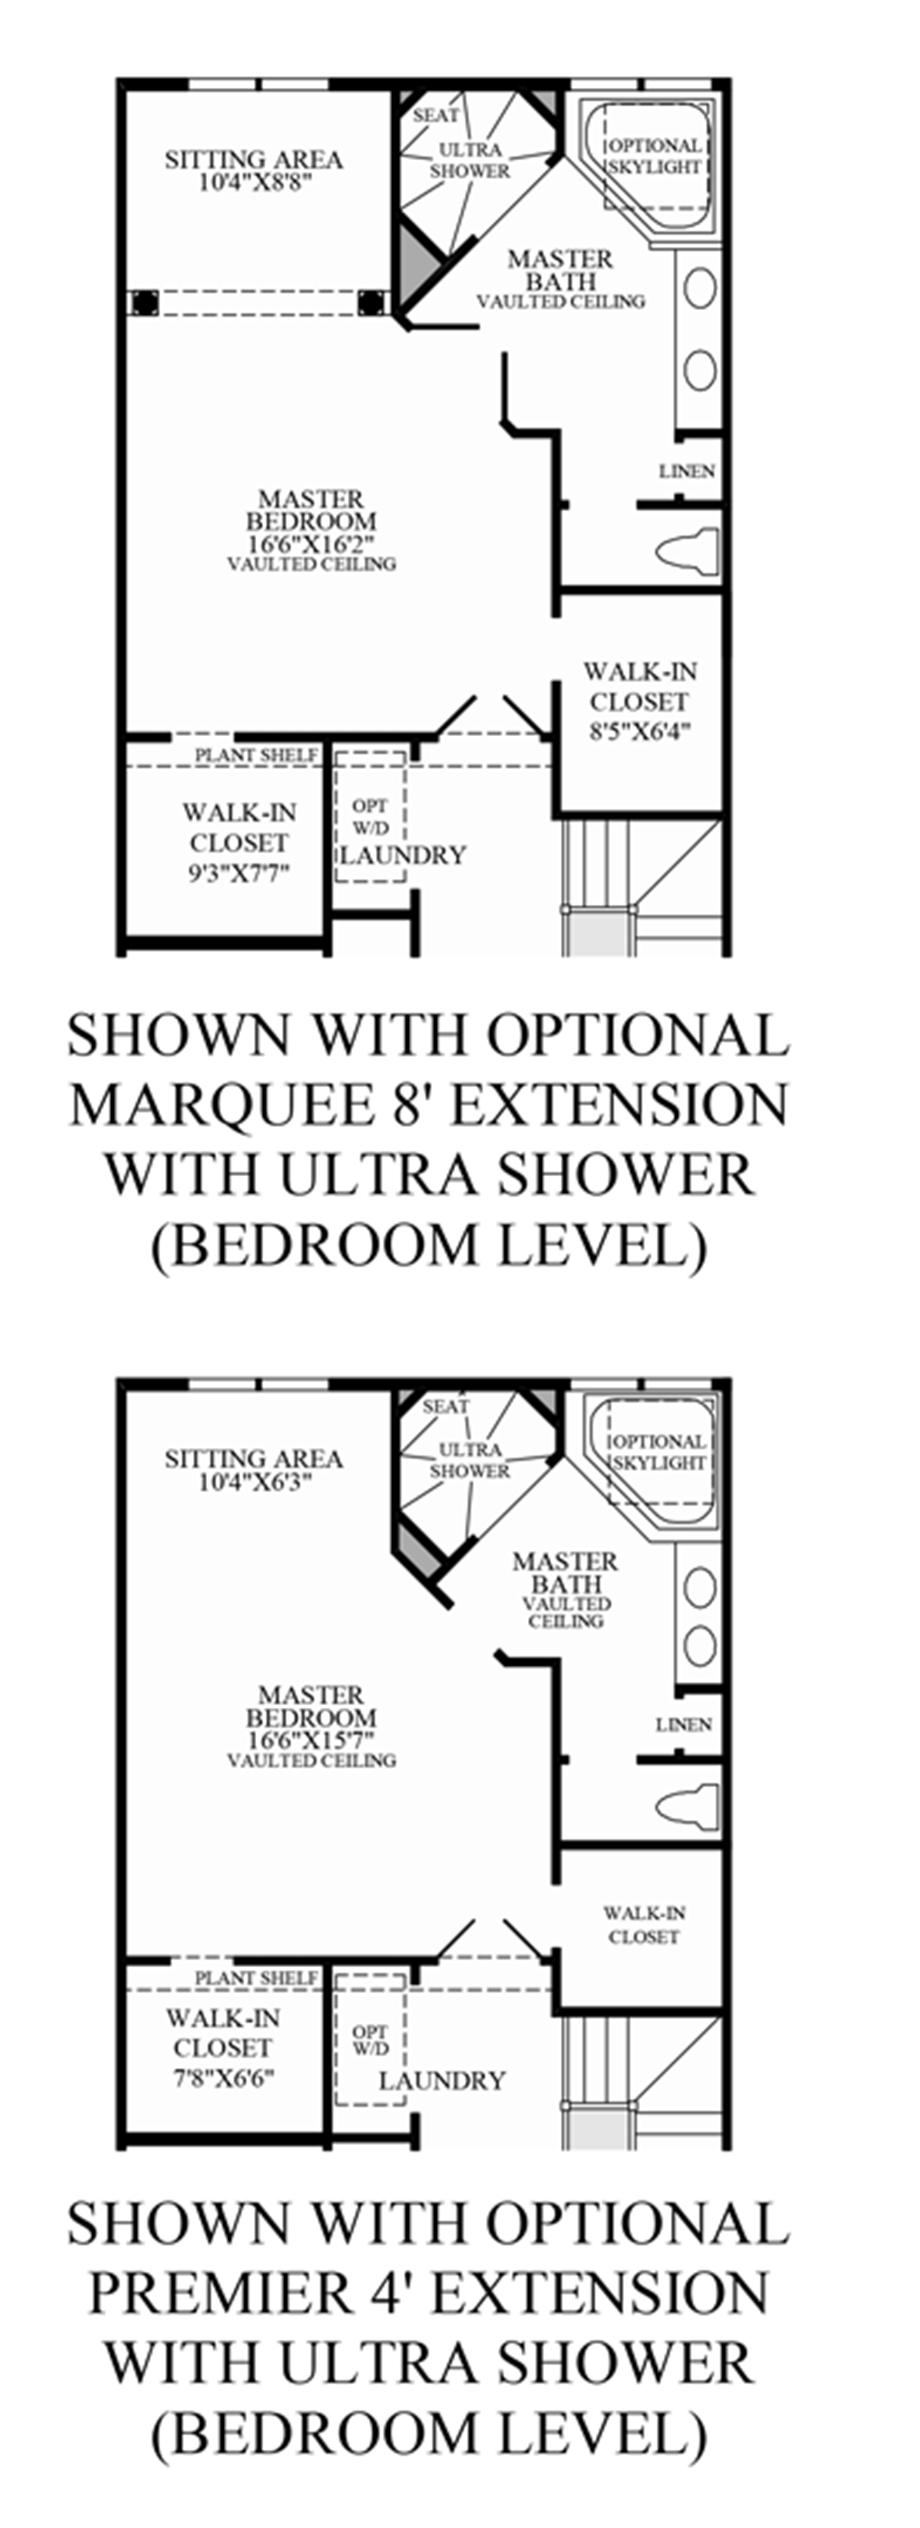 Optional Bedroom Level Extension Floor Plan